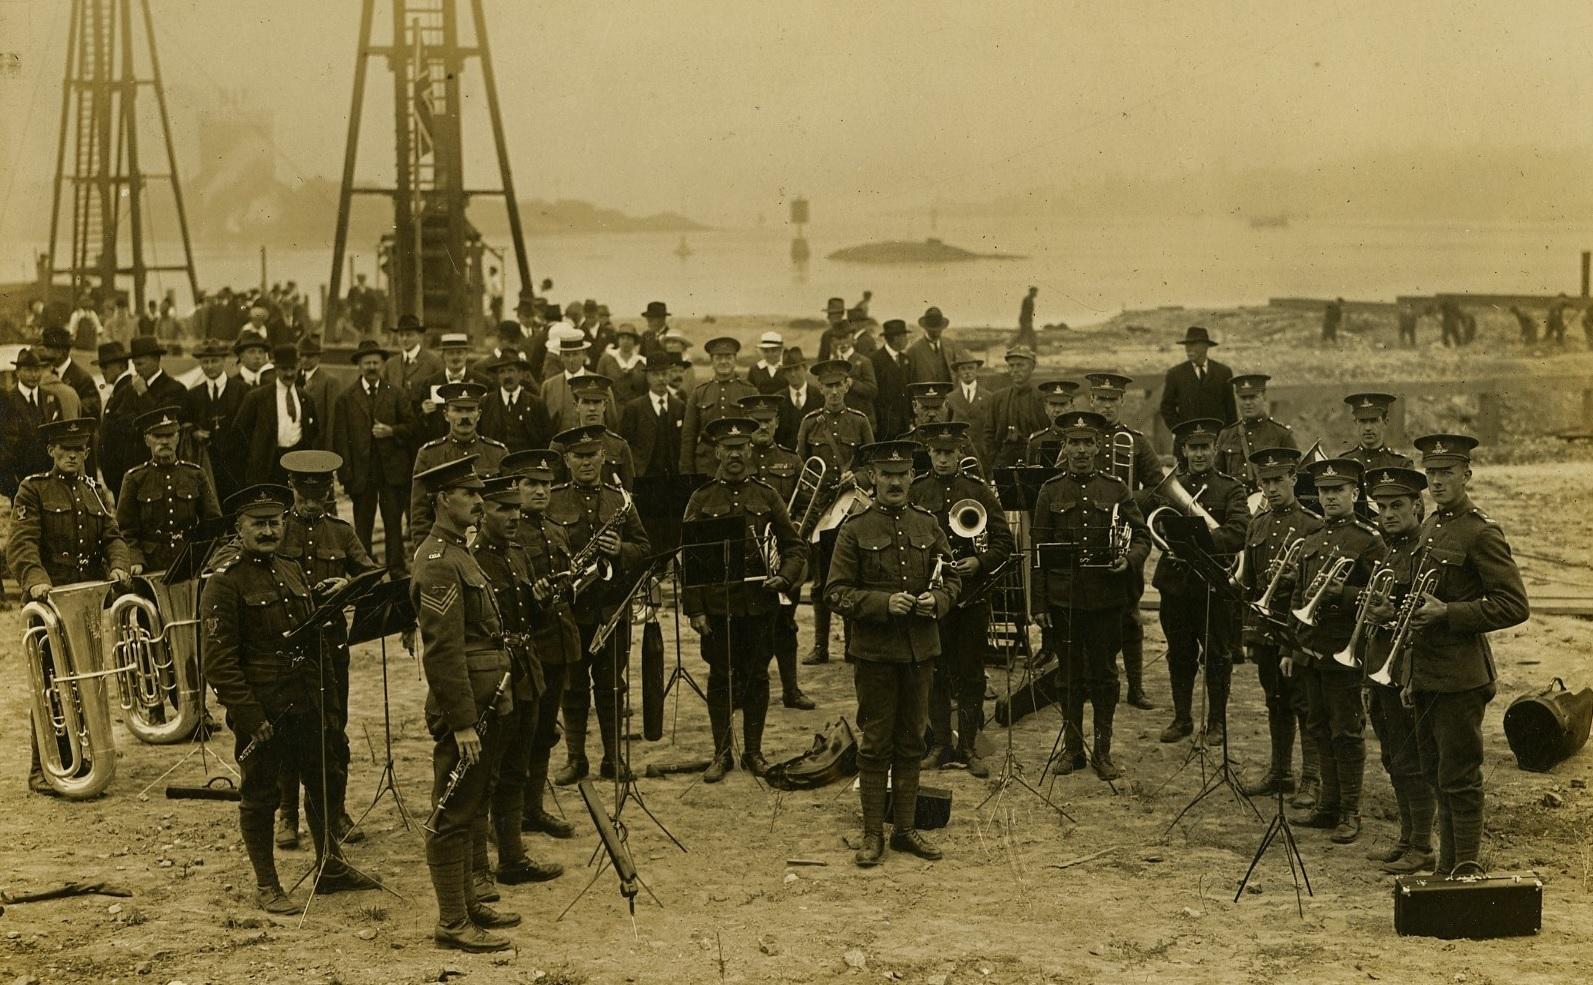 Band at the Docks